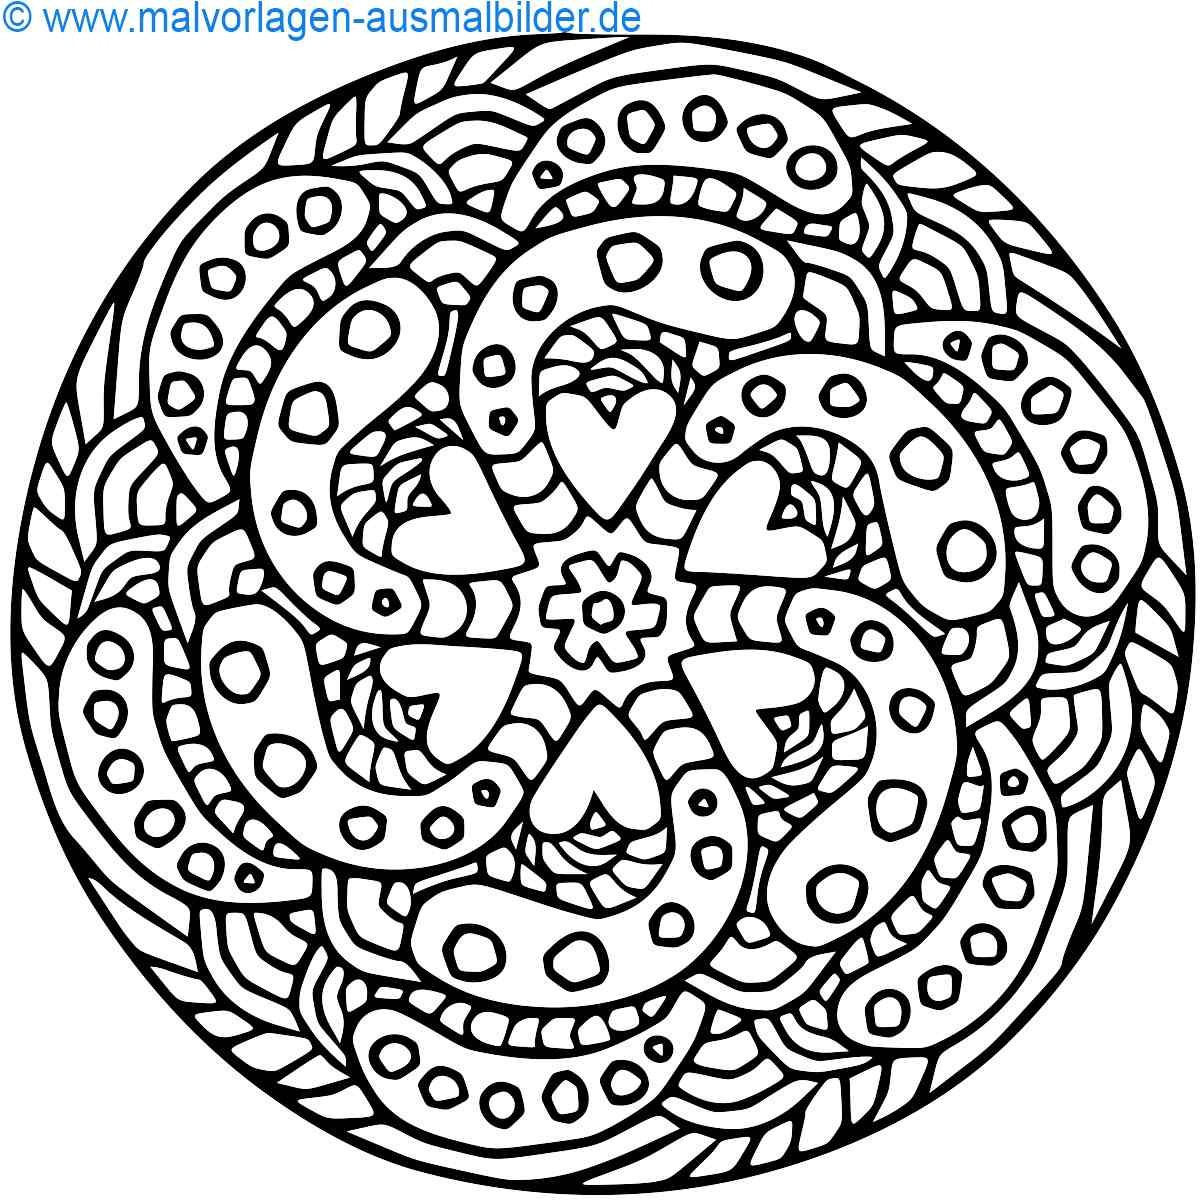 Herz Bilder Zum Ausmalen Frisch Herz Malvorlagen Einfach Herz Mandalas Zum Ausdrucken – Malvorlagen Bild